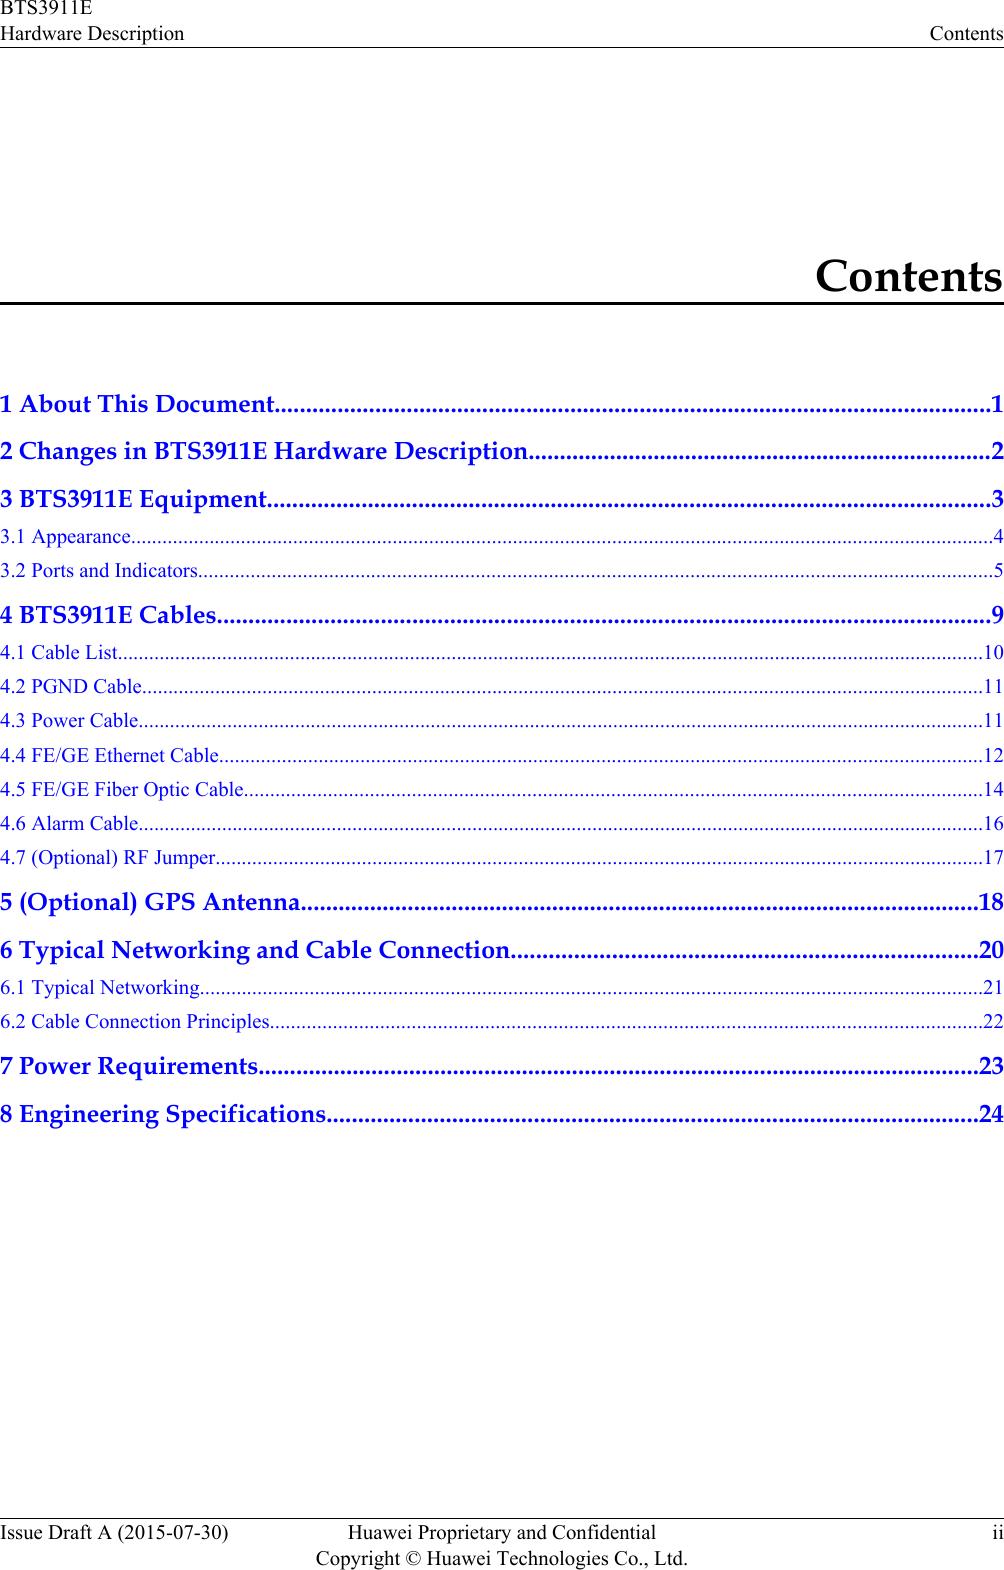 huawei gr5 user manual pdf